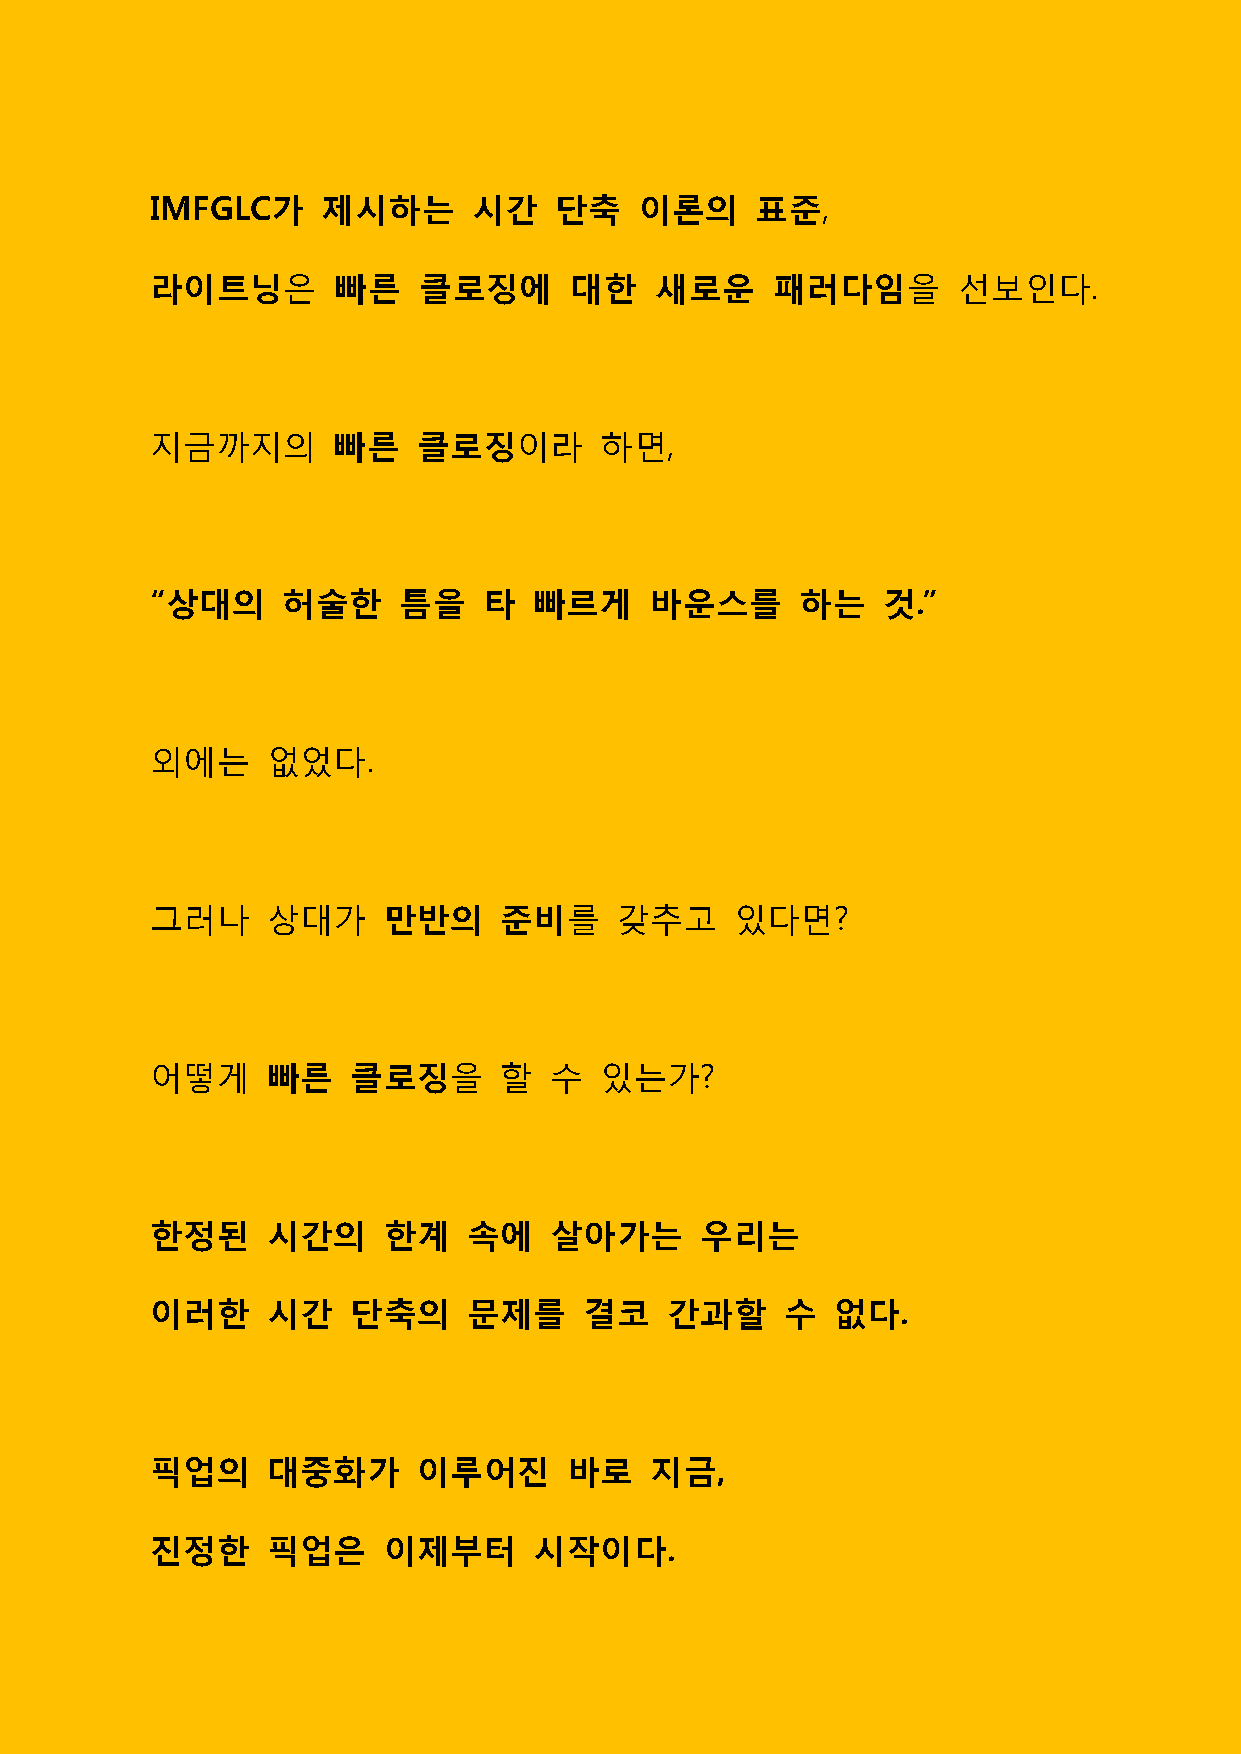 라이트닝_Page_05.png